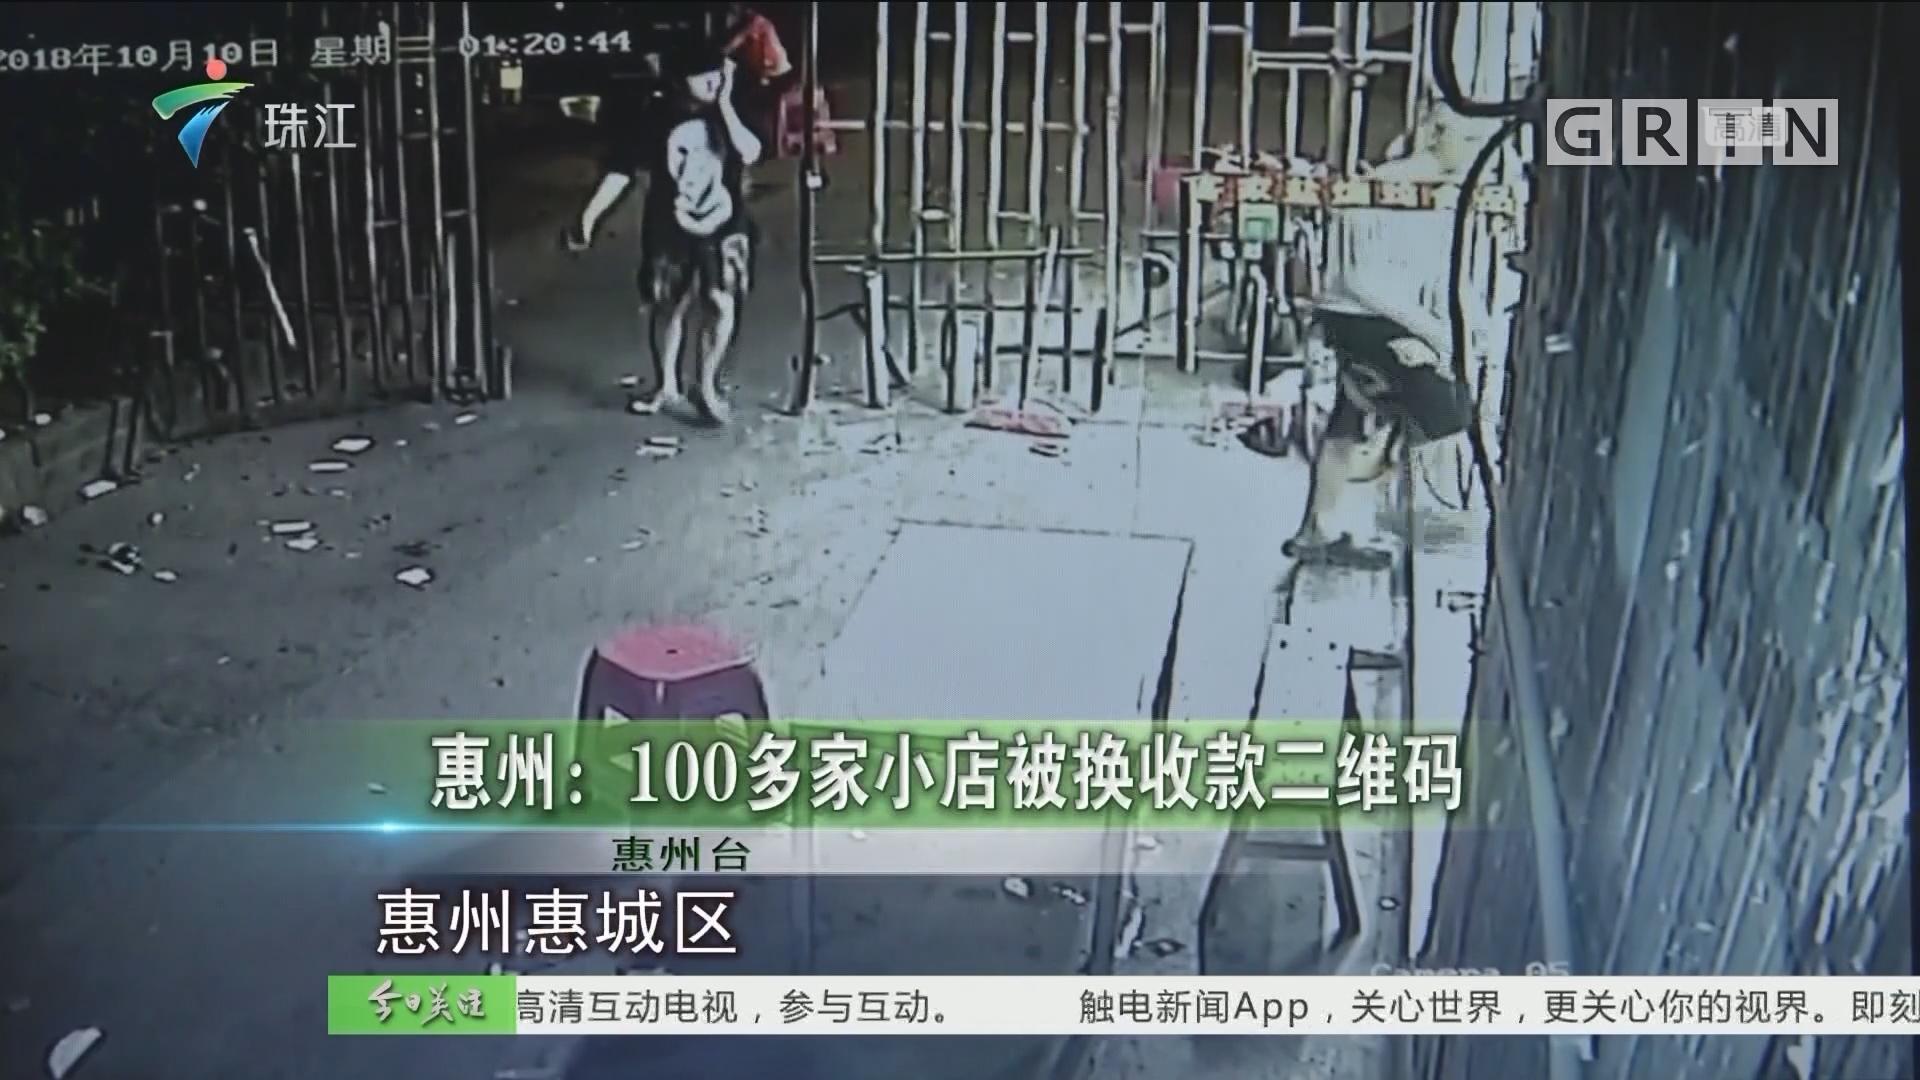 惠州:100多家小店被换收款二维码